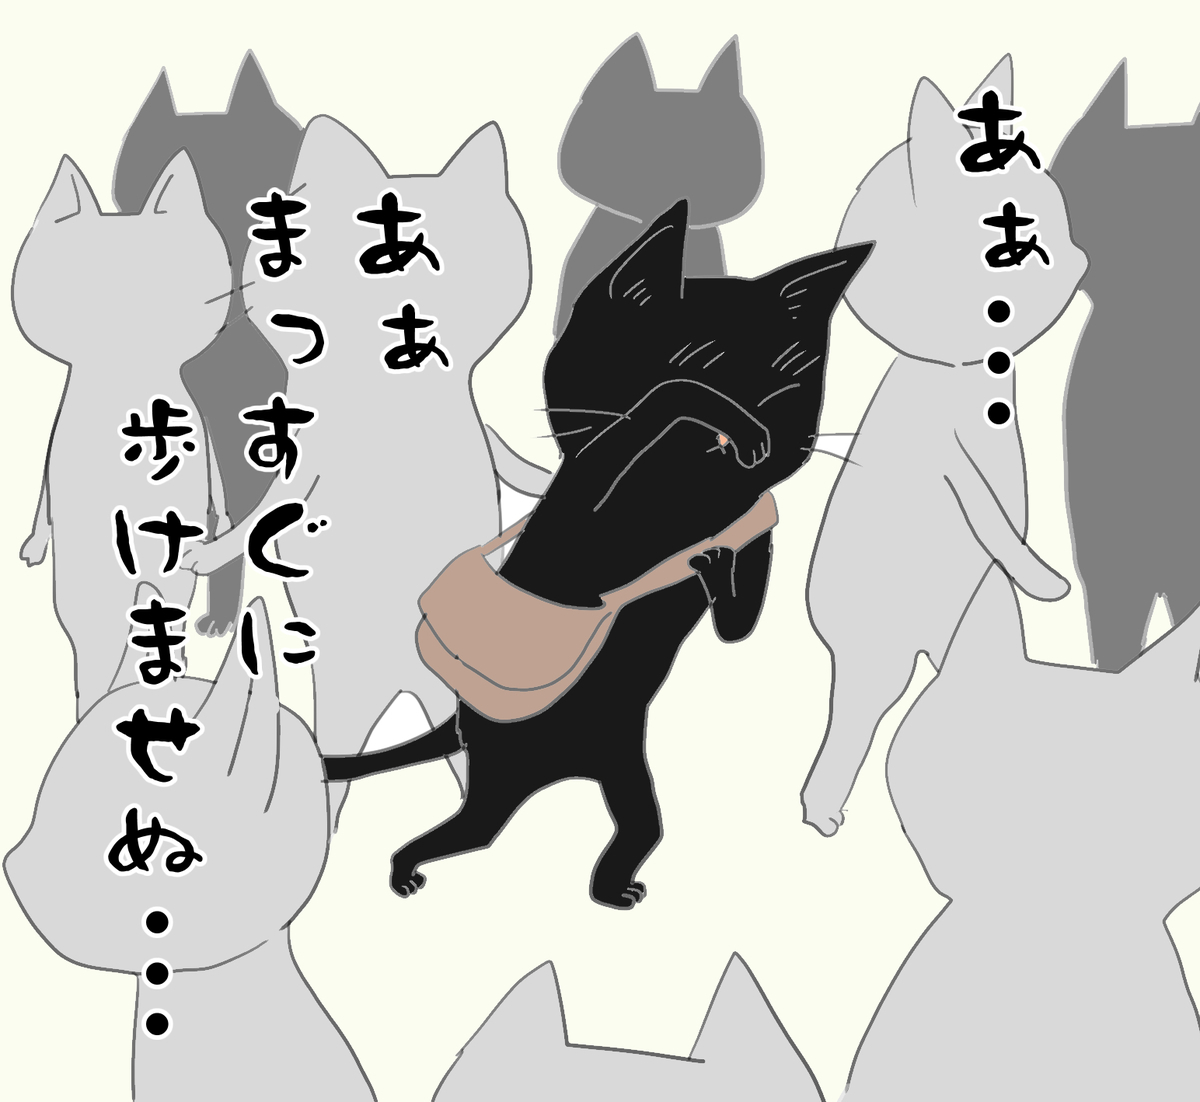 人ごみの中で、まっすぐに歩けないと嘆く猫